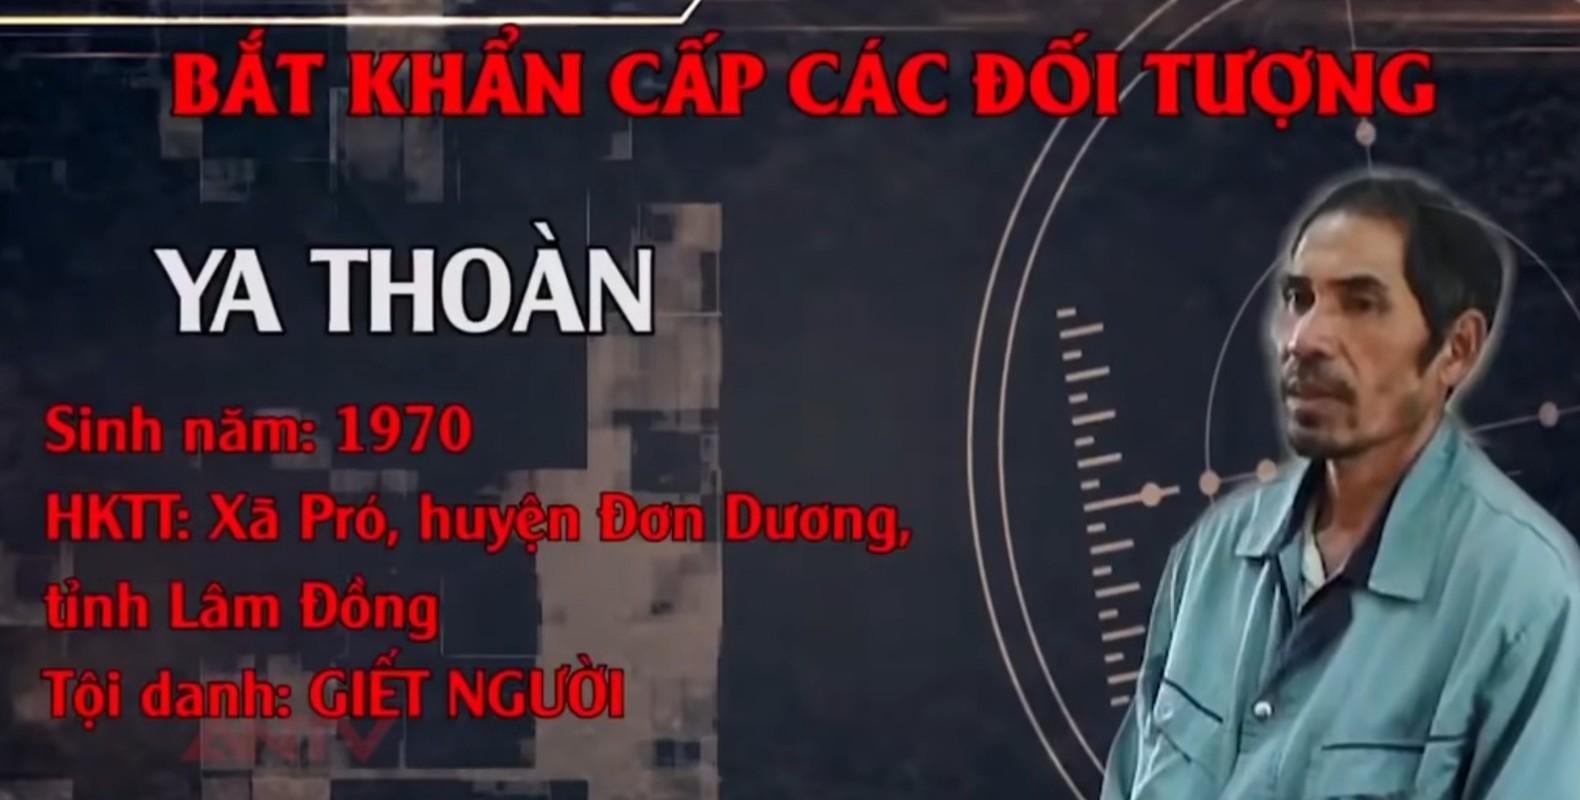 Hanh trinh pha an: Tu thi ben dong suoi to cao ke sat nhan mau lanh-Hinh-21